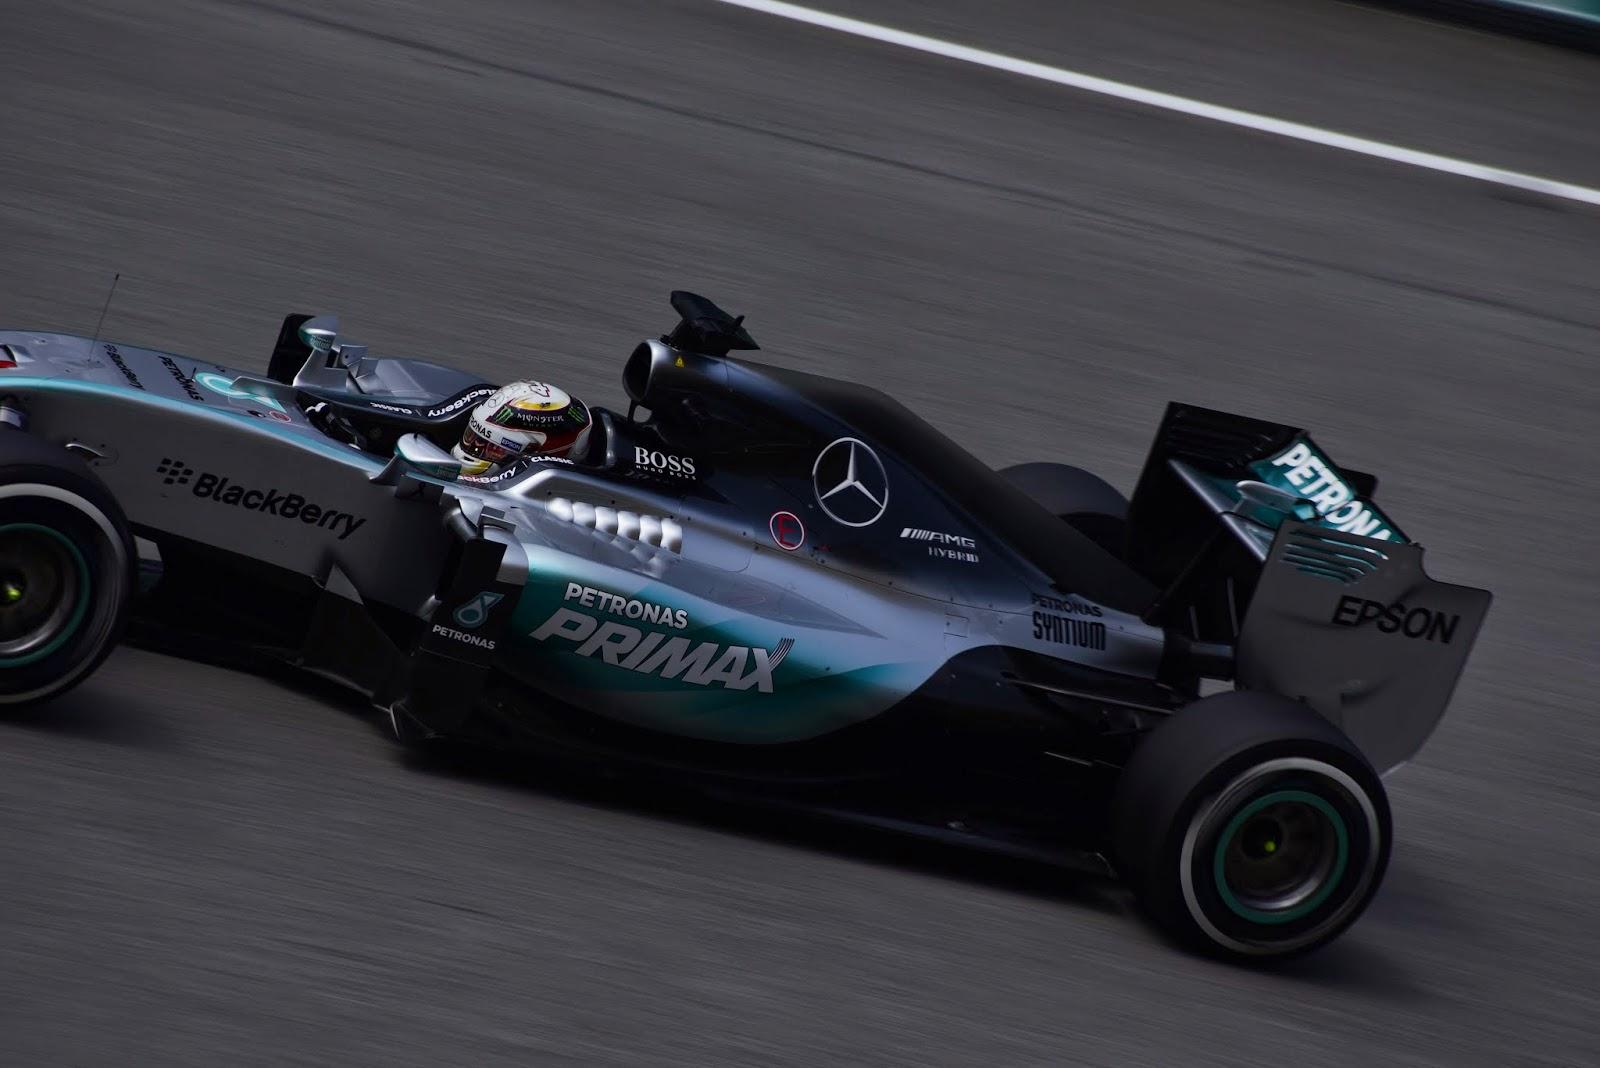 Malaysia Formula 1